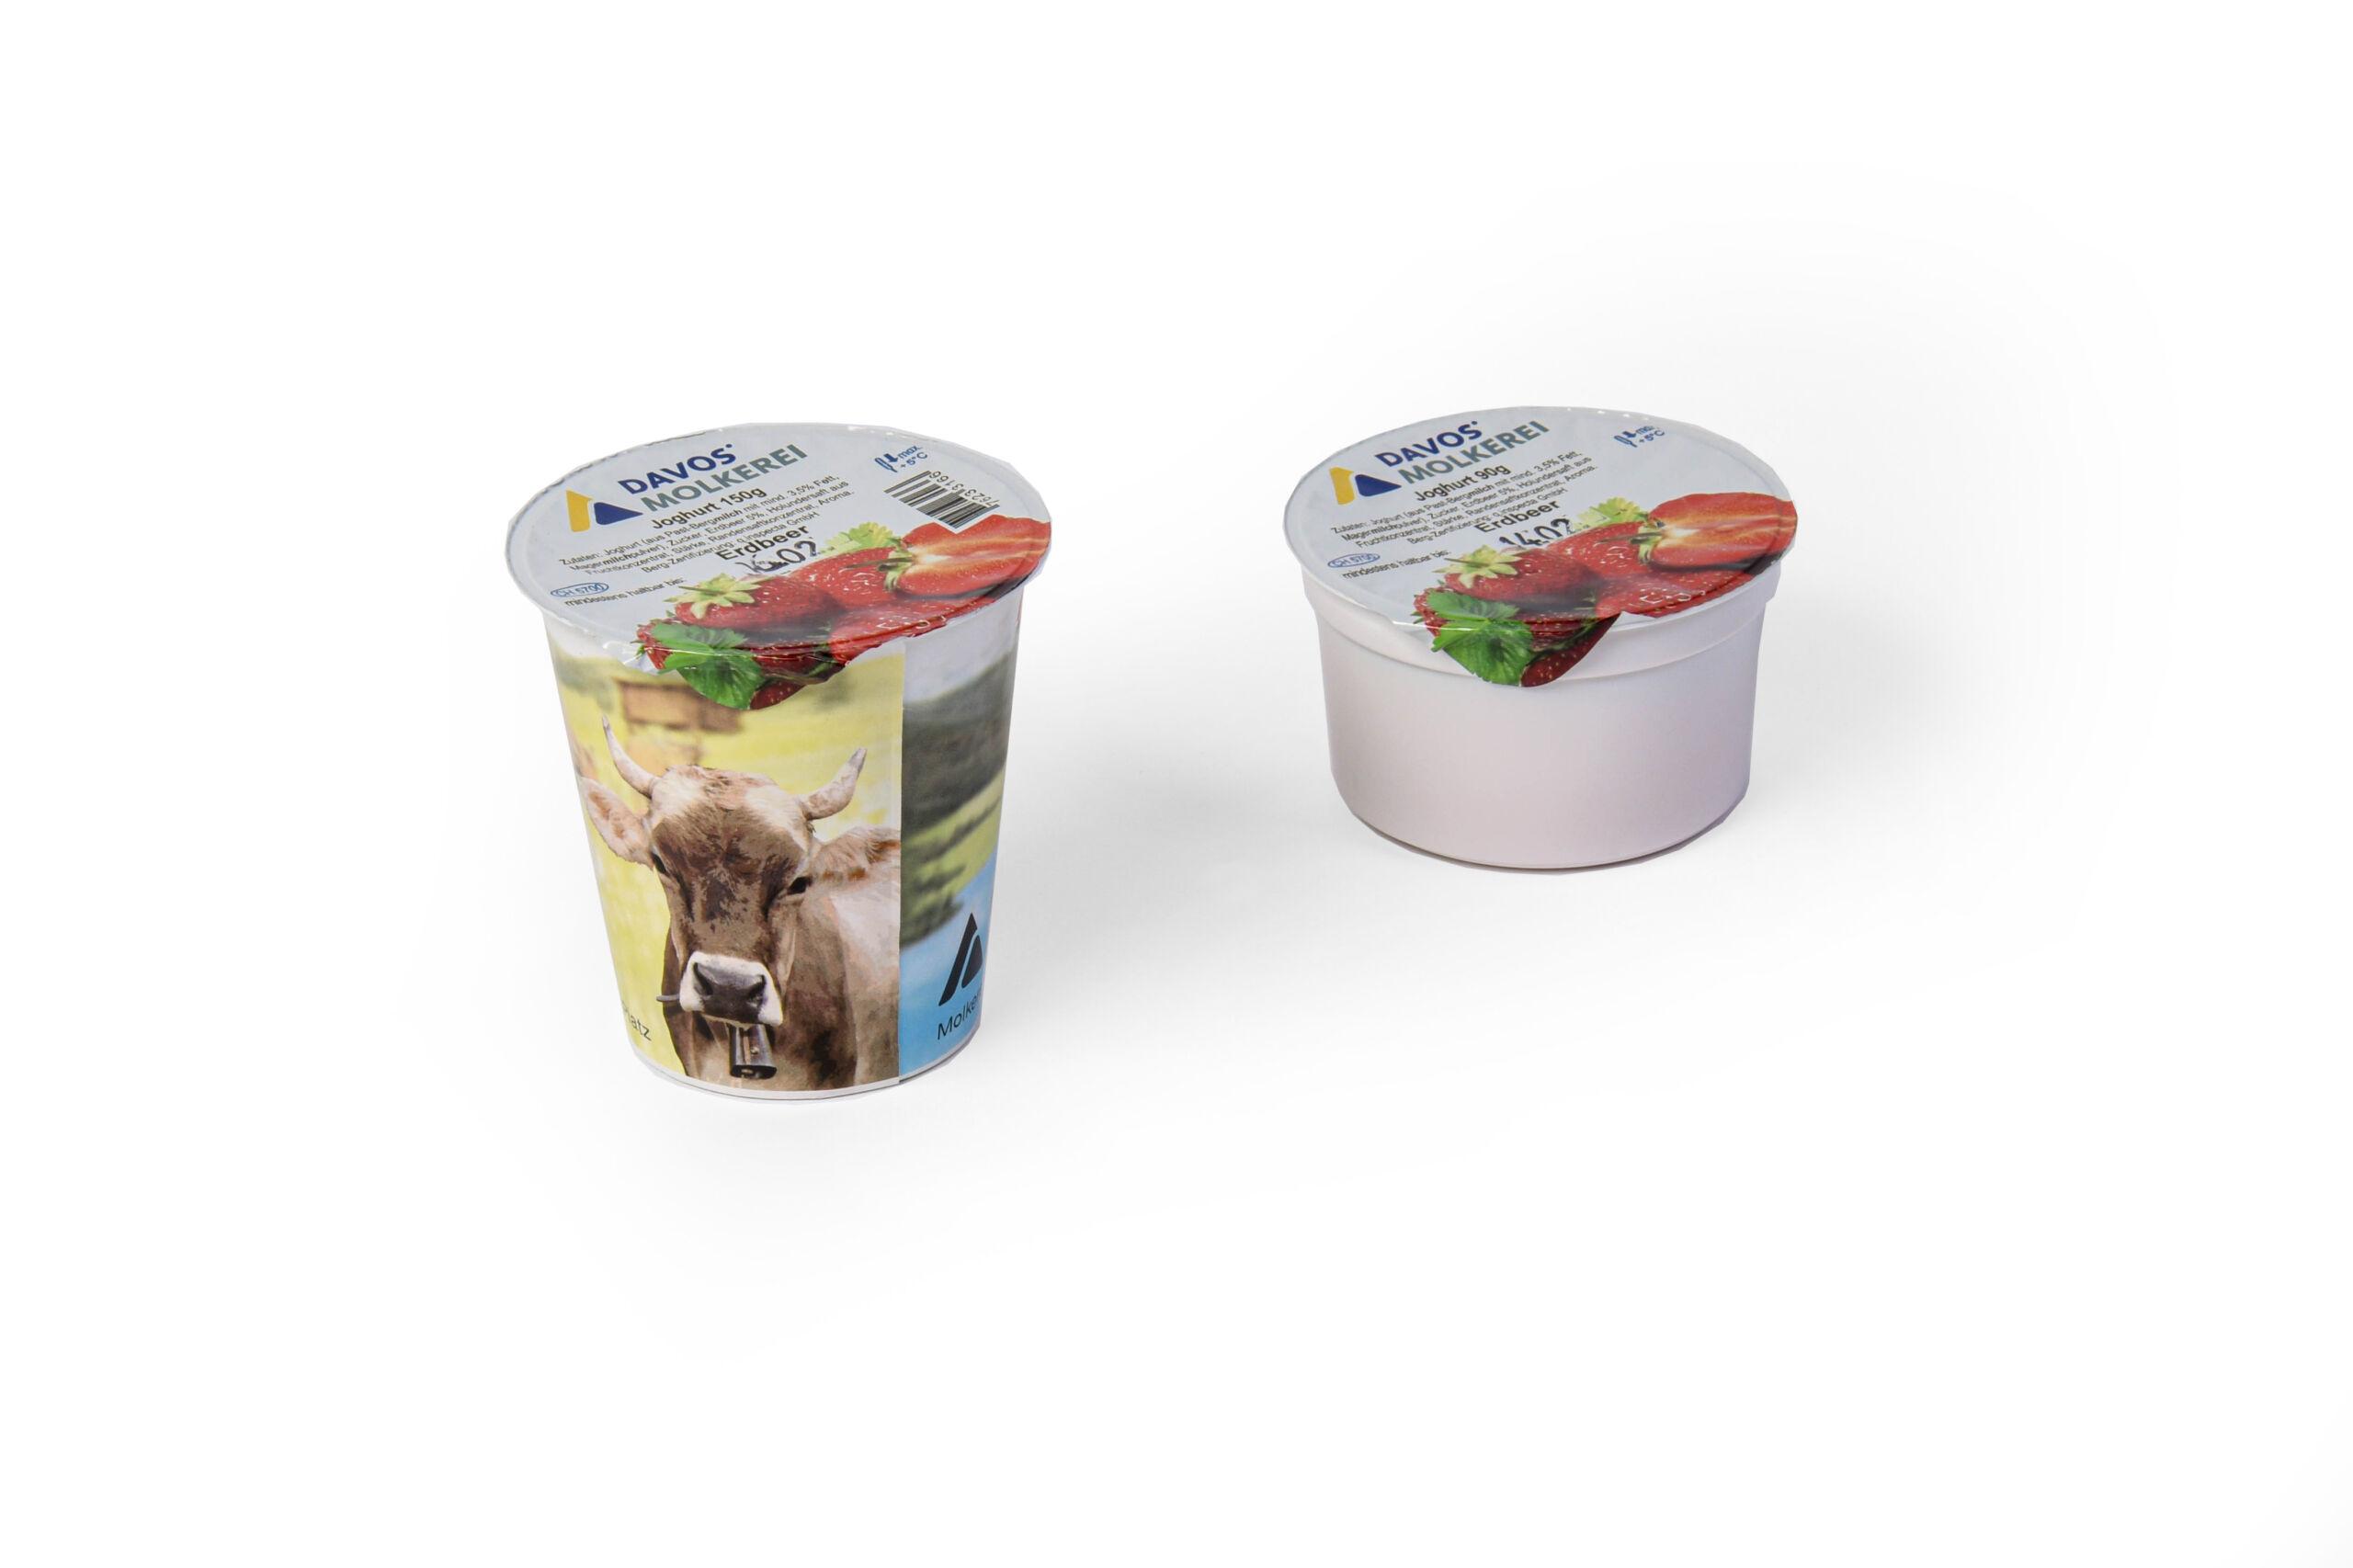 DSC_2313 Joghurt Erdberr doppel Kopie